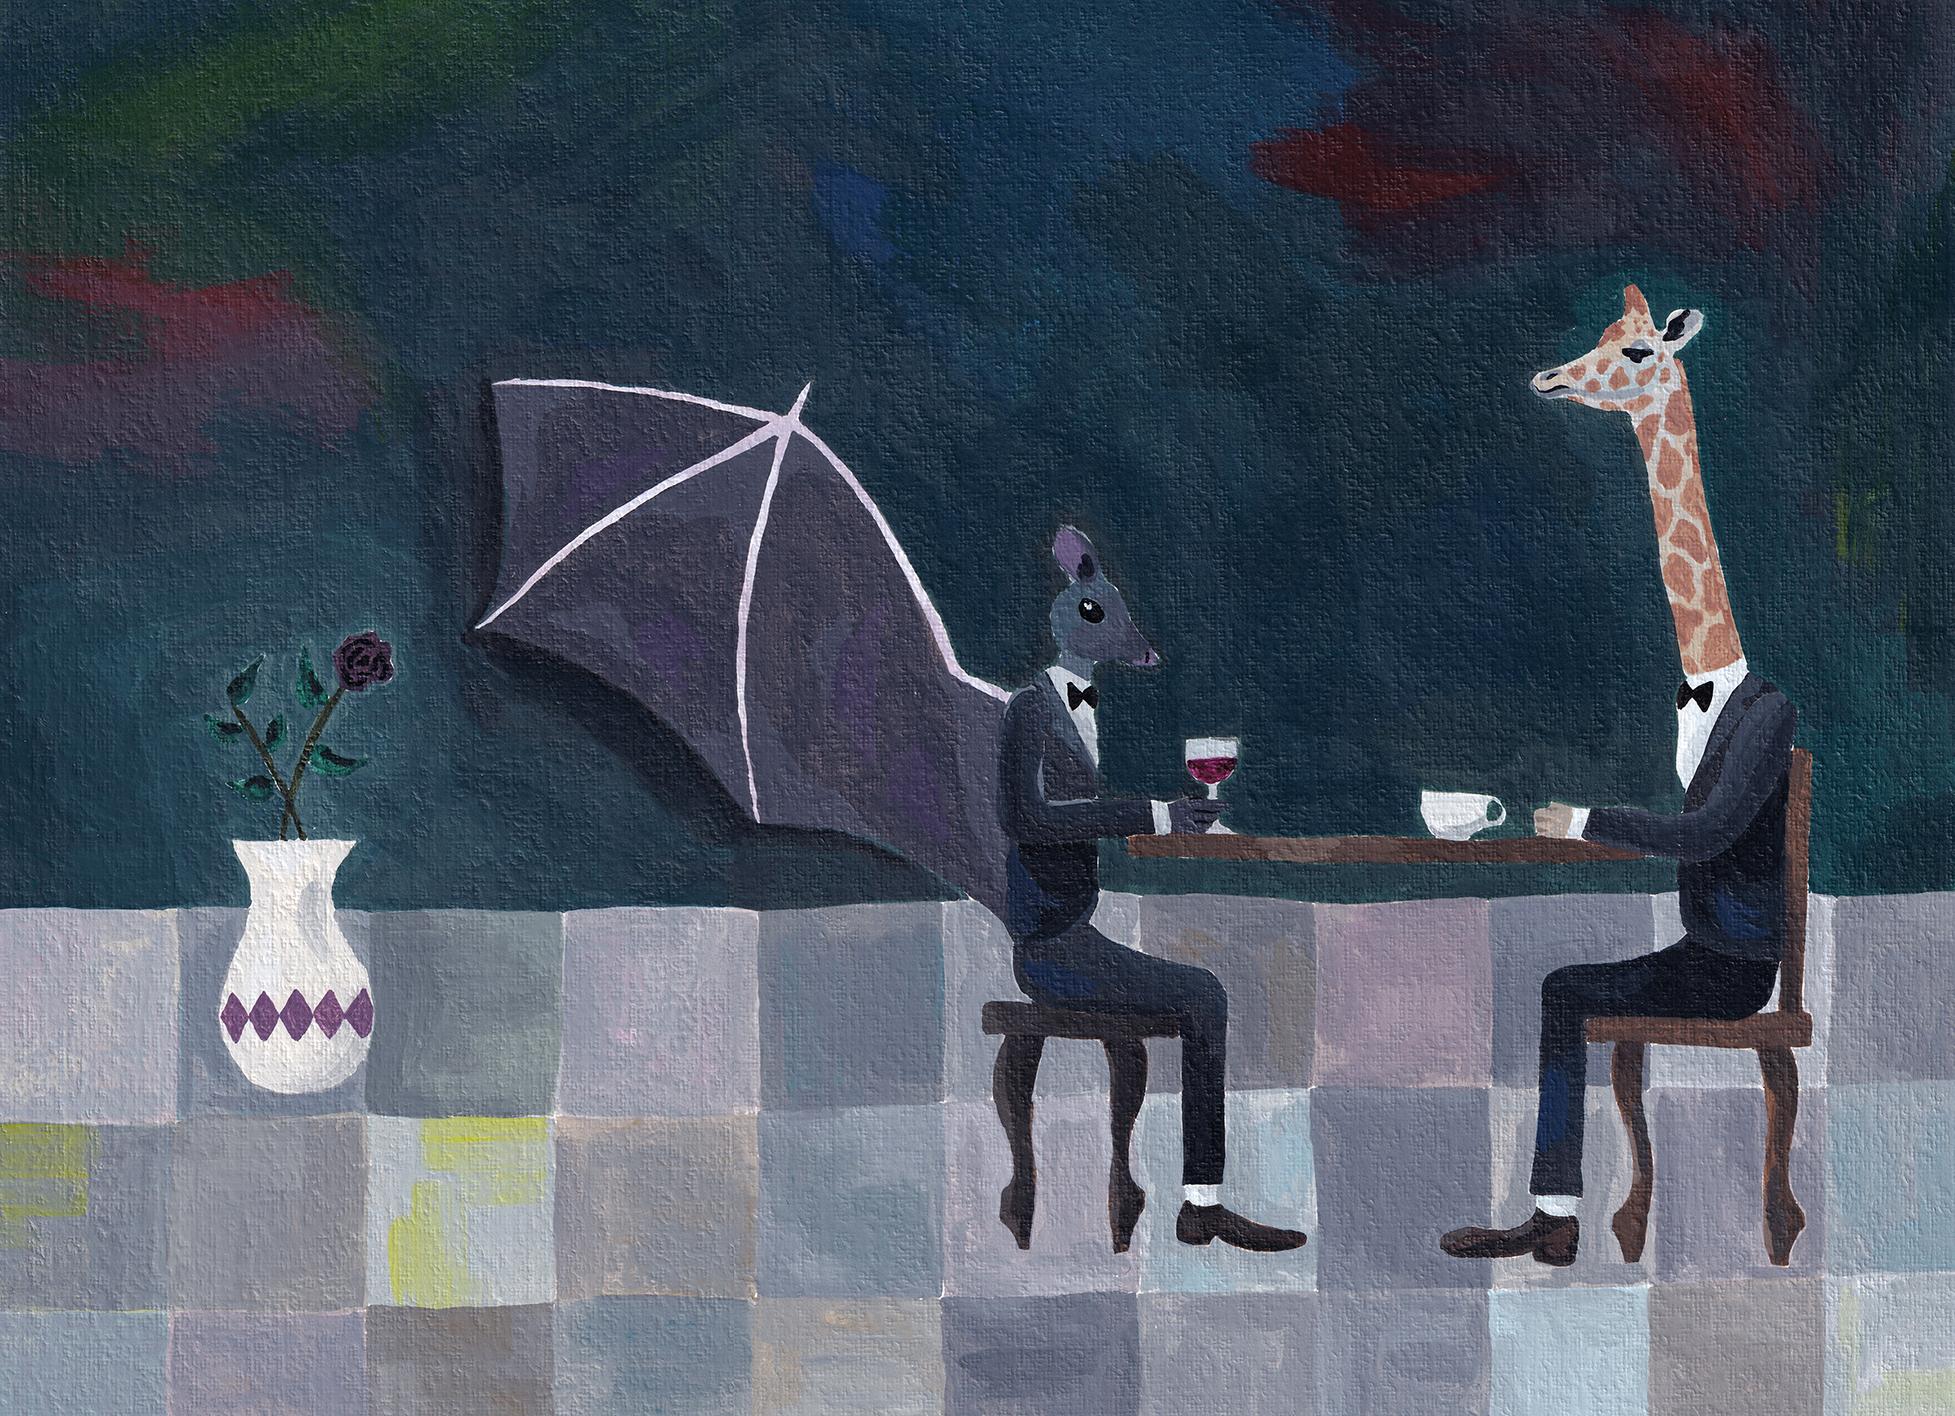 bat & giraffe